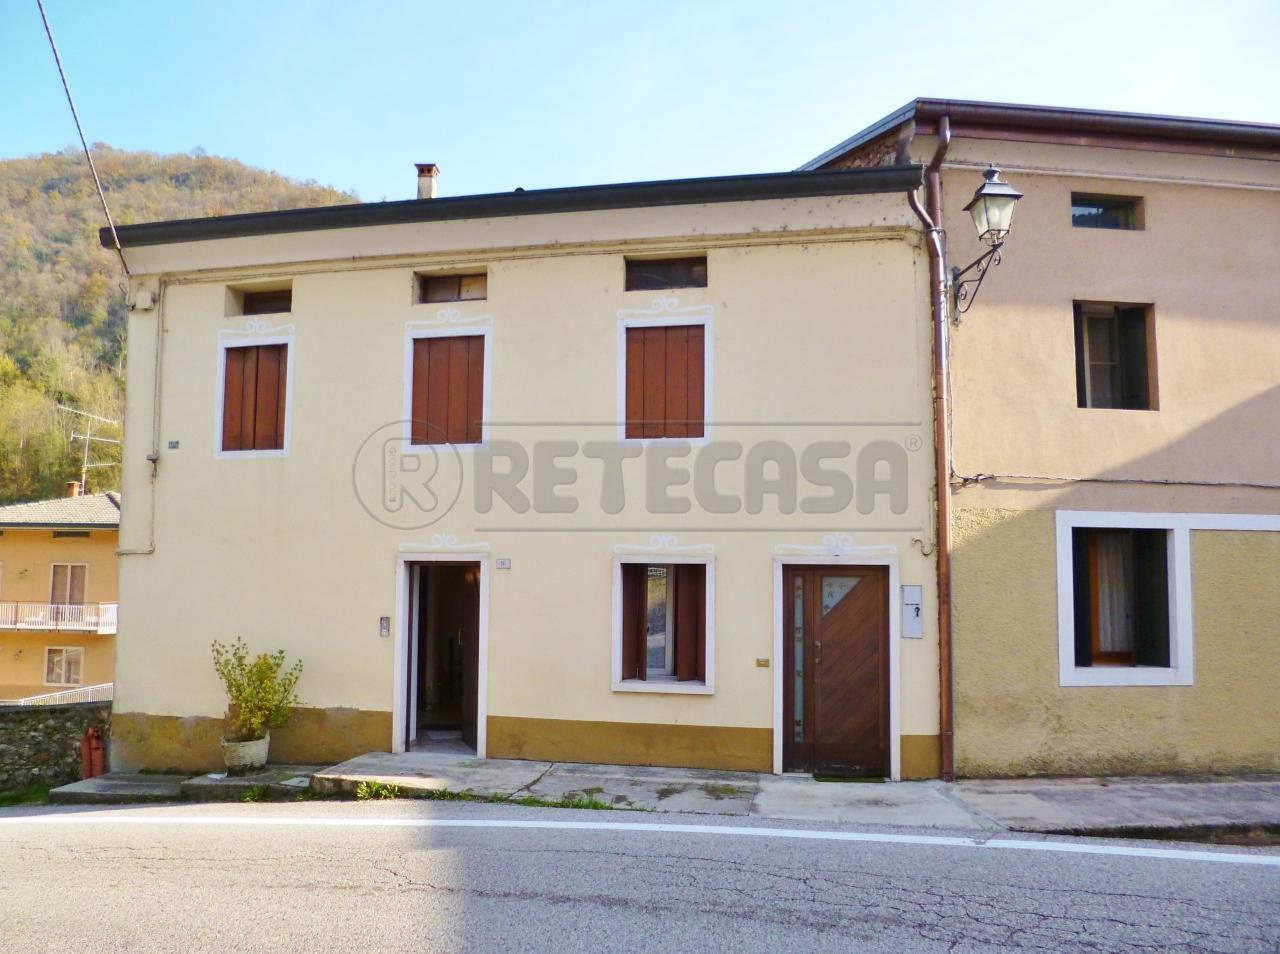 Soluzione Semindipendente in vendita a Crespadoro, 8 locali, prezzo € 105.000 | Cambio Casa.it